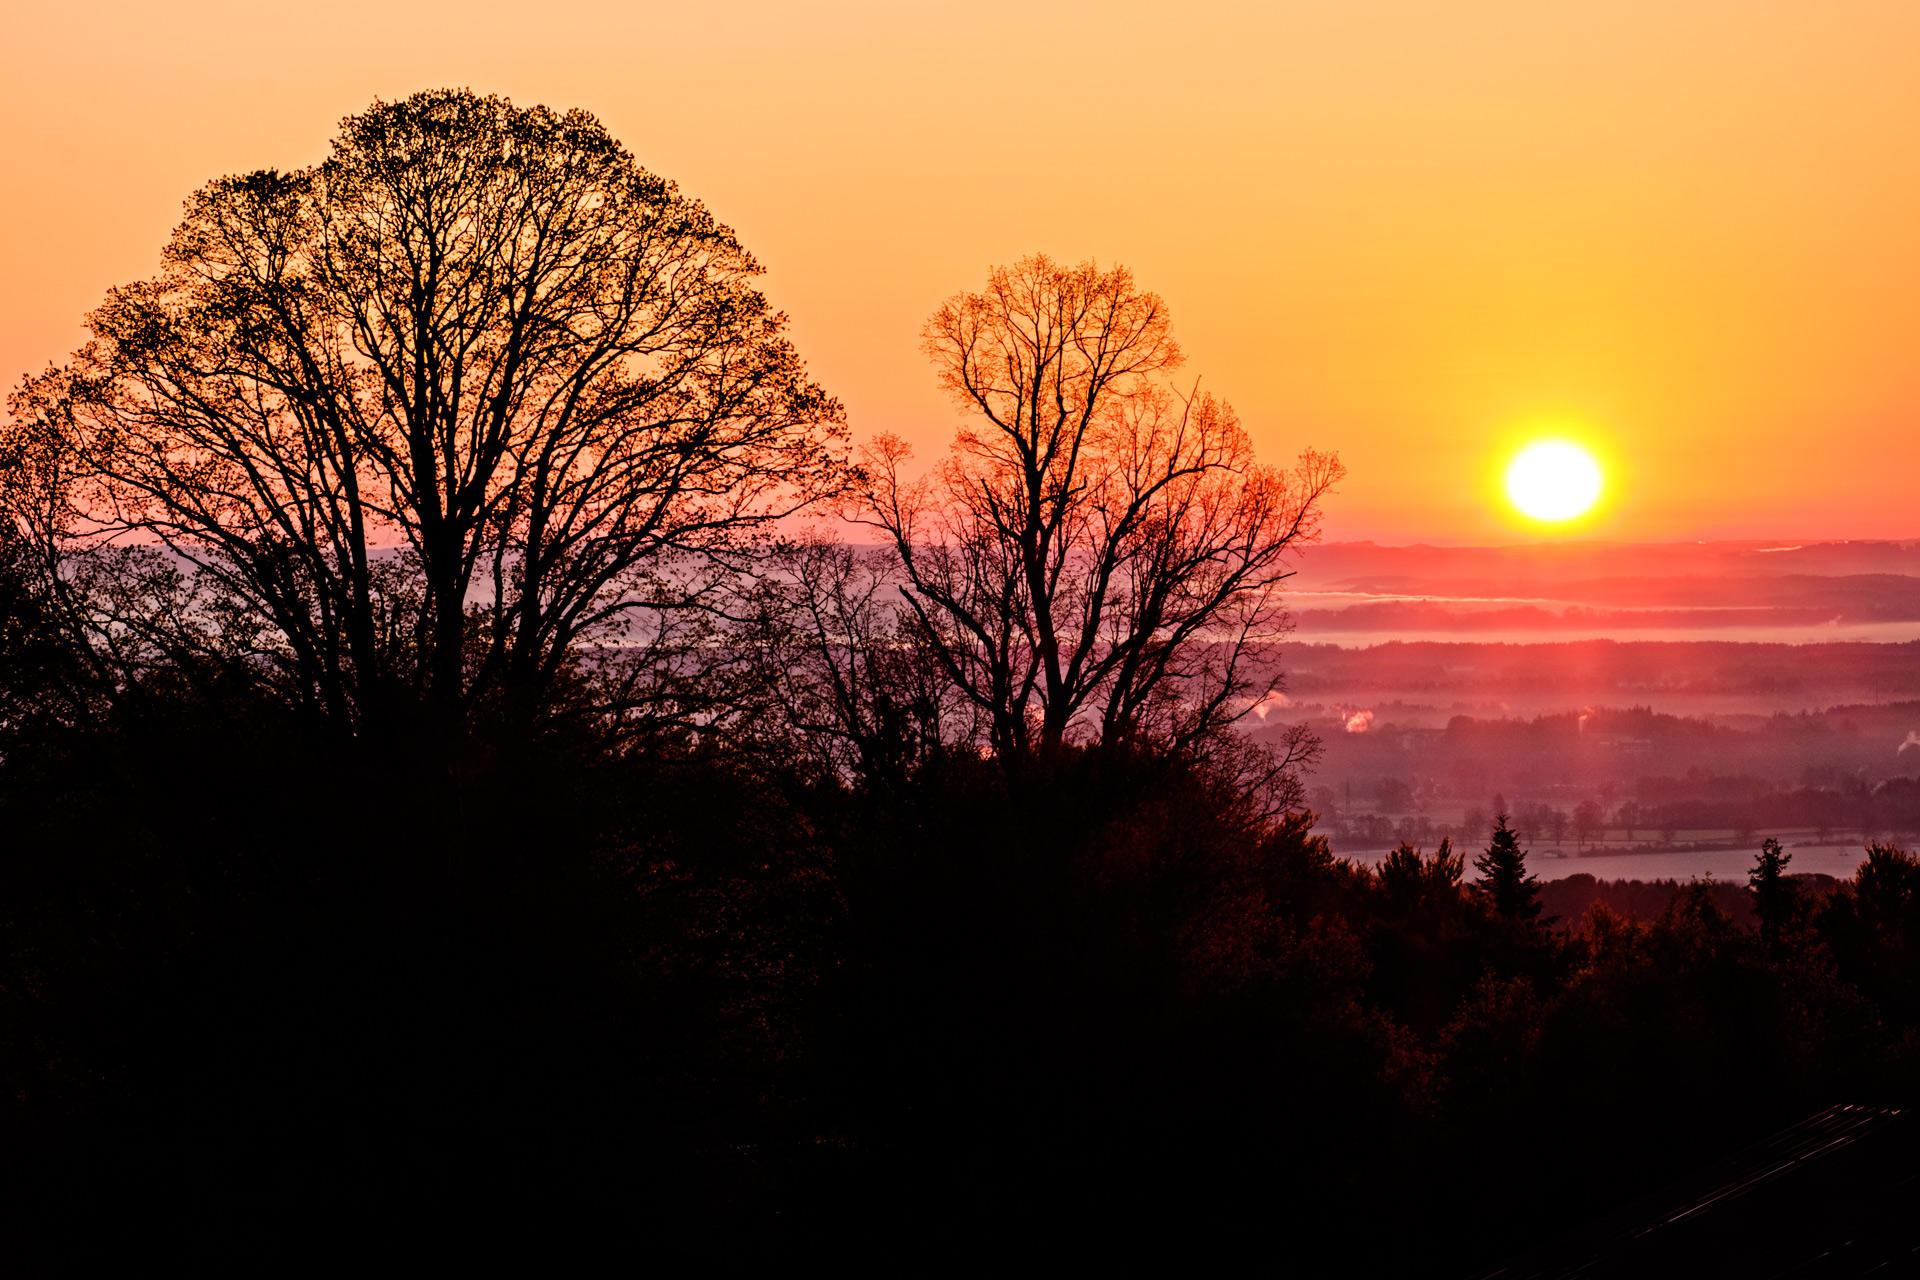 Sonnenaufgang am Irschenberg - Foto Nummer 3